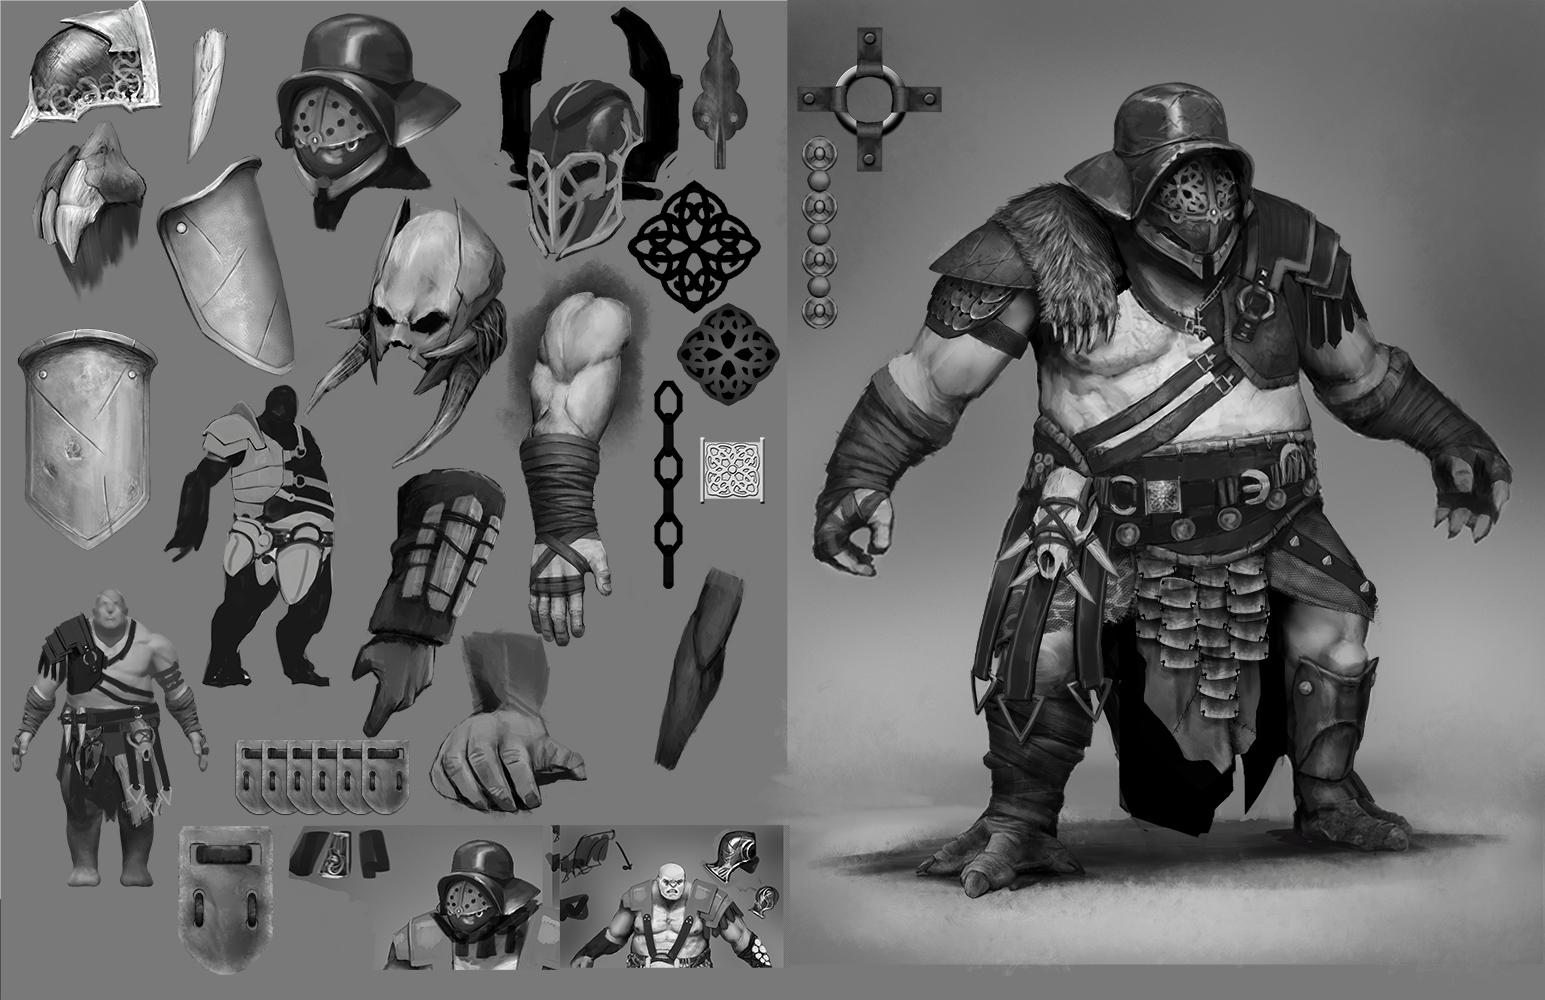 BD_Character-GladiatorbruteAssetStudies-04_181226.jpg